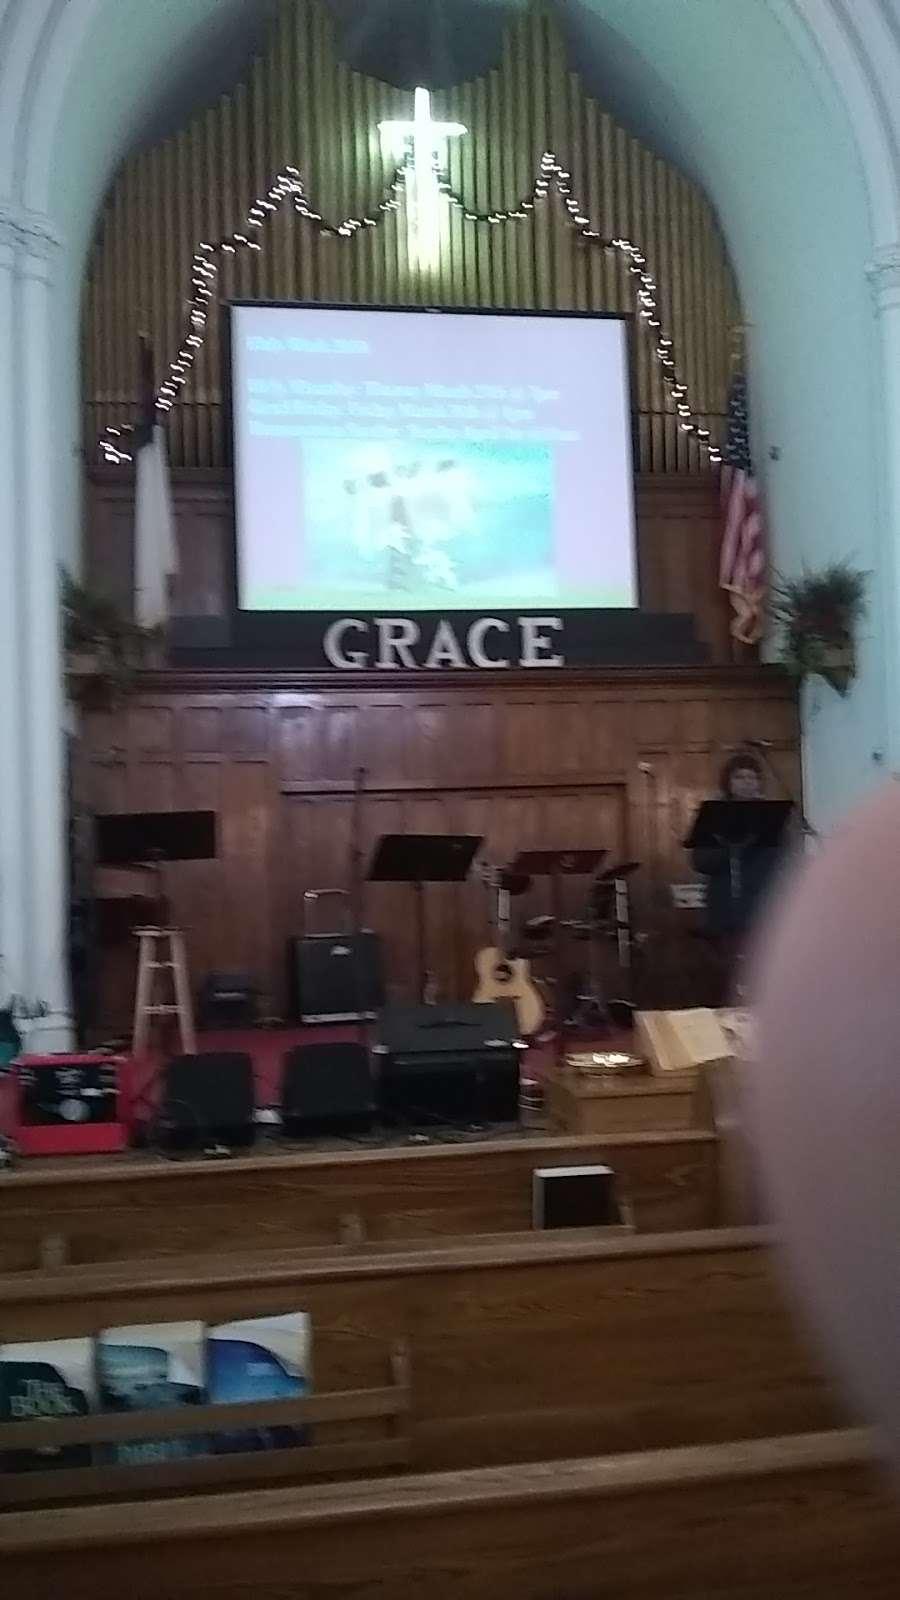 Grace community Church - church  | Photo 1 of 1 | Address: 18 W Ridge St, Lansford, PA 18232, USA | Phone: (570) 645-2212